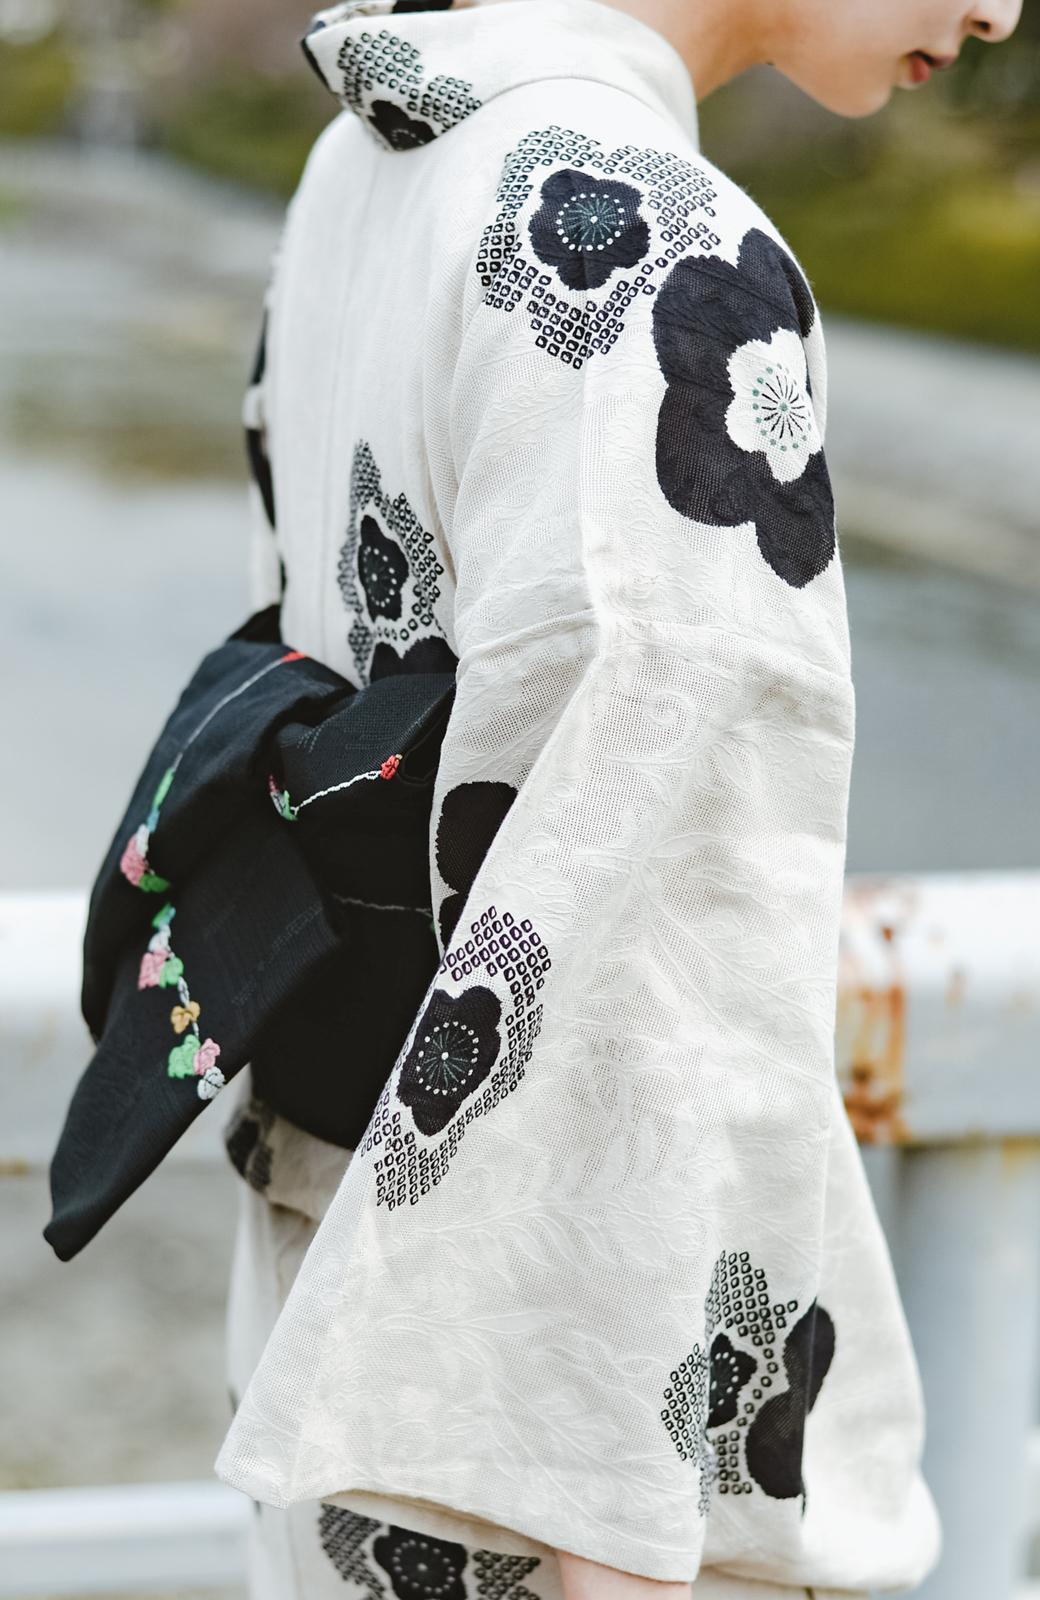 haco! ひでや工房 京都のからみ織ジャカード浴衣 <ブラック系その他>の商品写真6